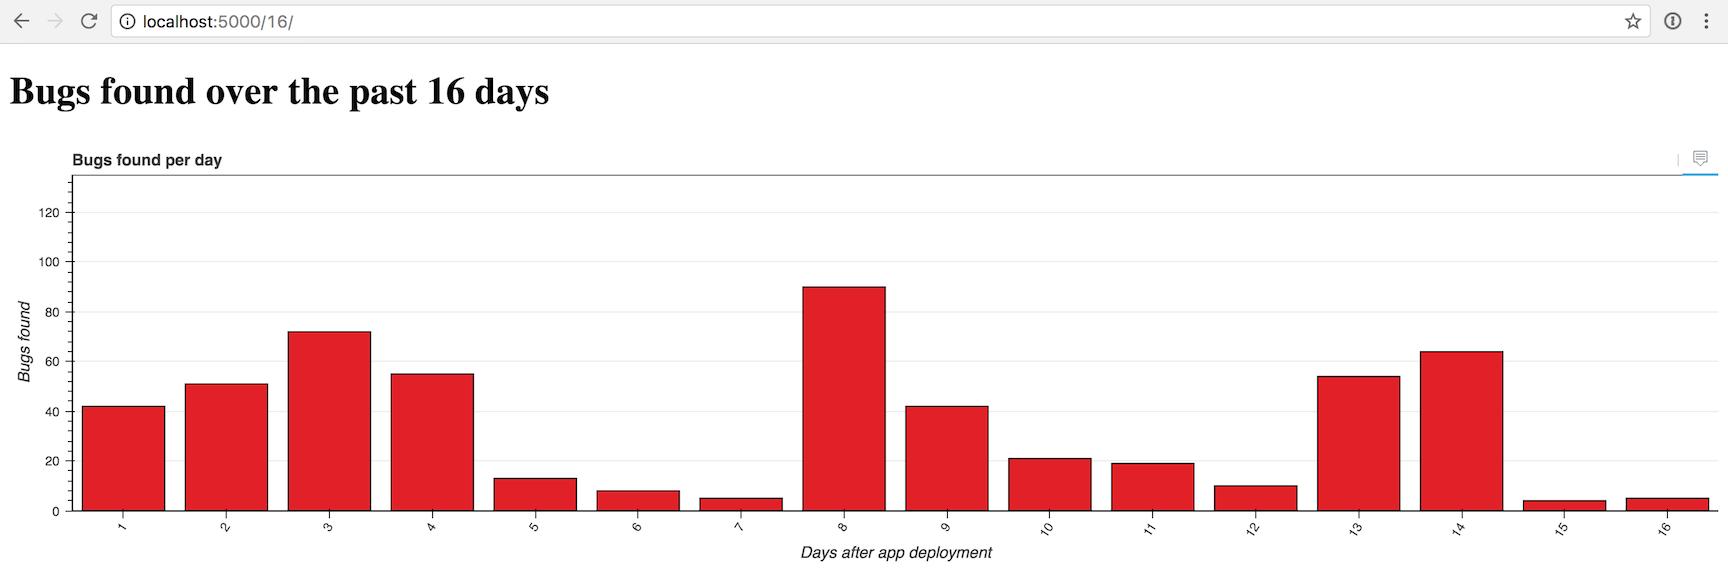 Отзывчивые столбчатые диаграммы с Bokeh, Flask и Python 3 - 5